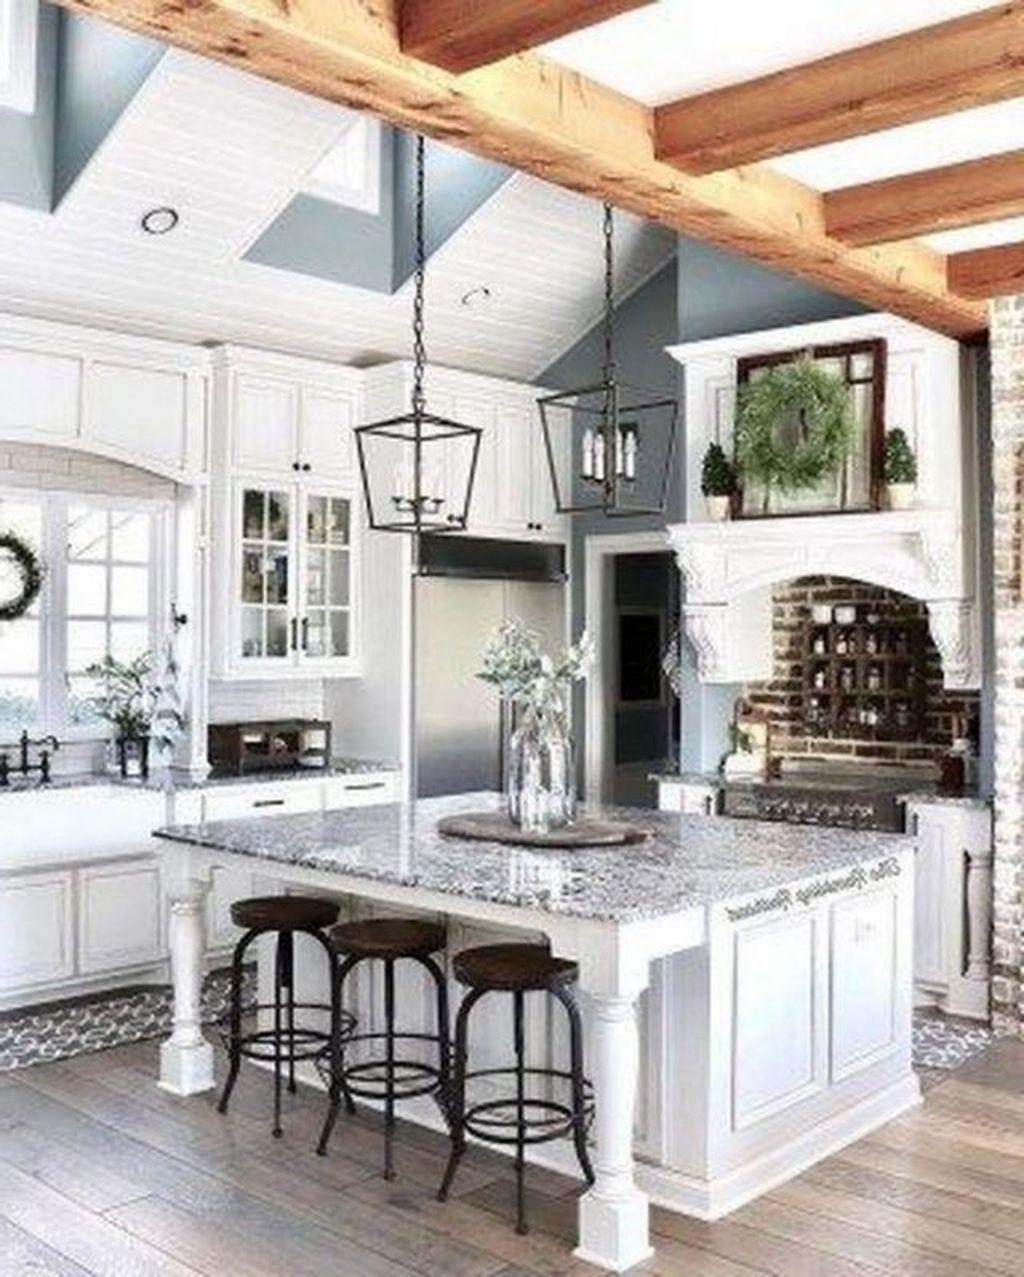 30 elegant farmhouse kitchen design decor ideas farmhouse kitchen decor french country on kitchen ideas elegant id=99210